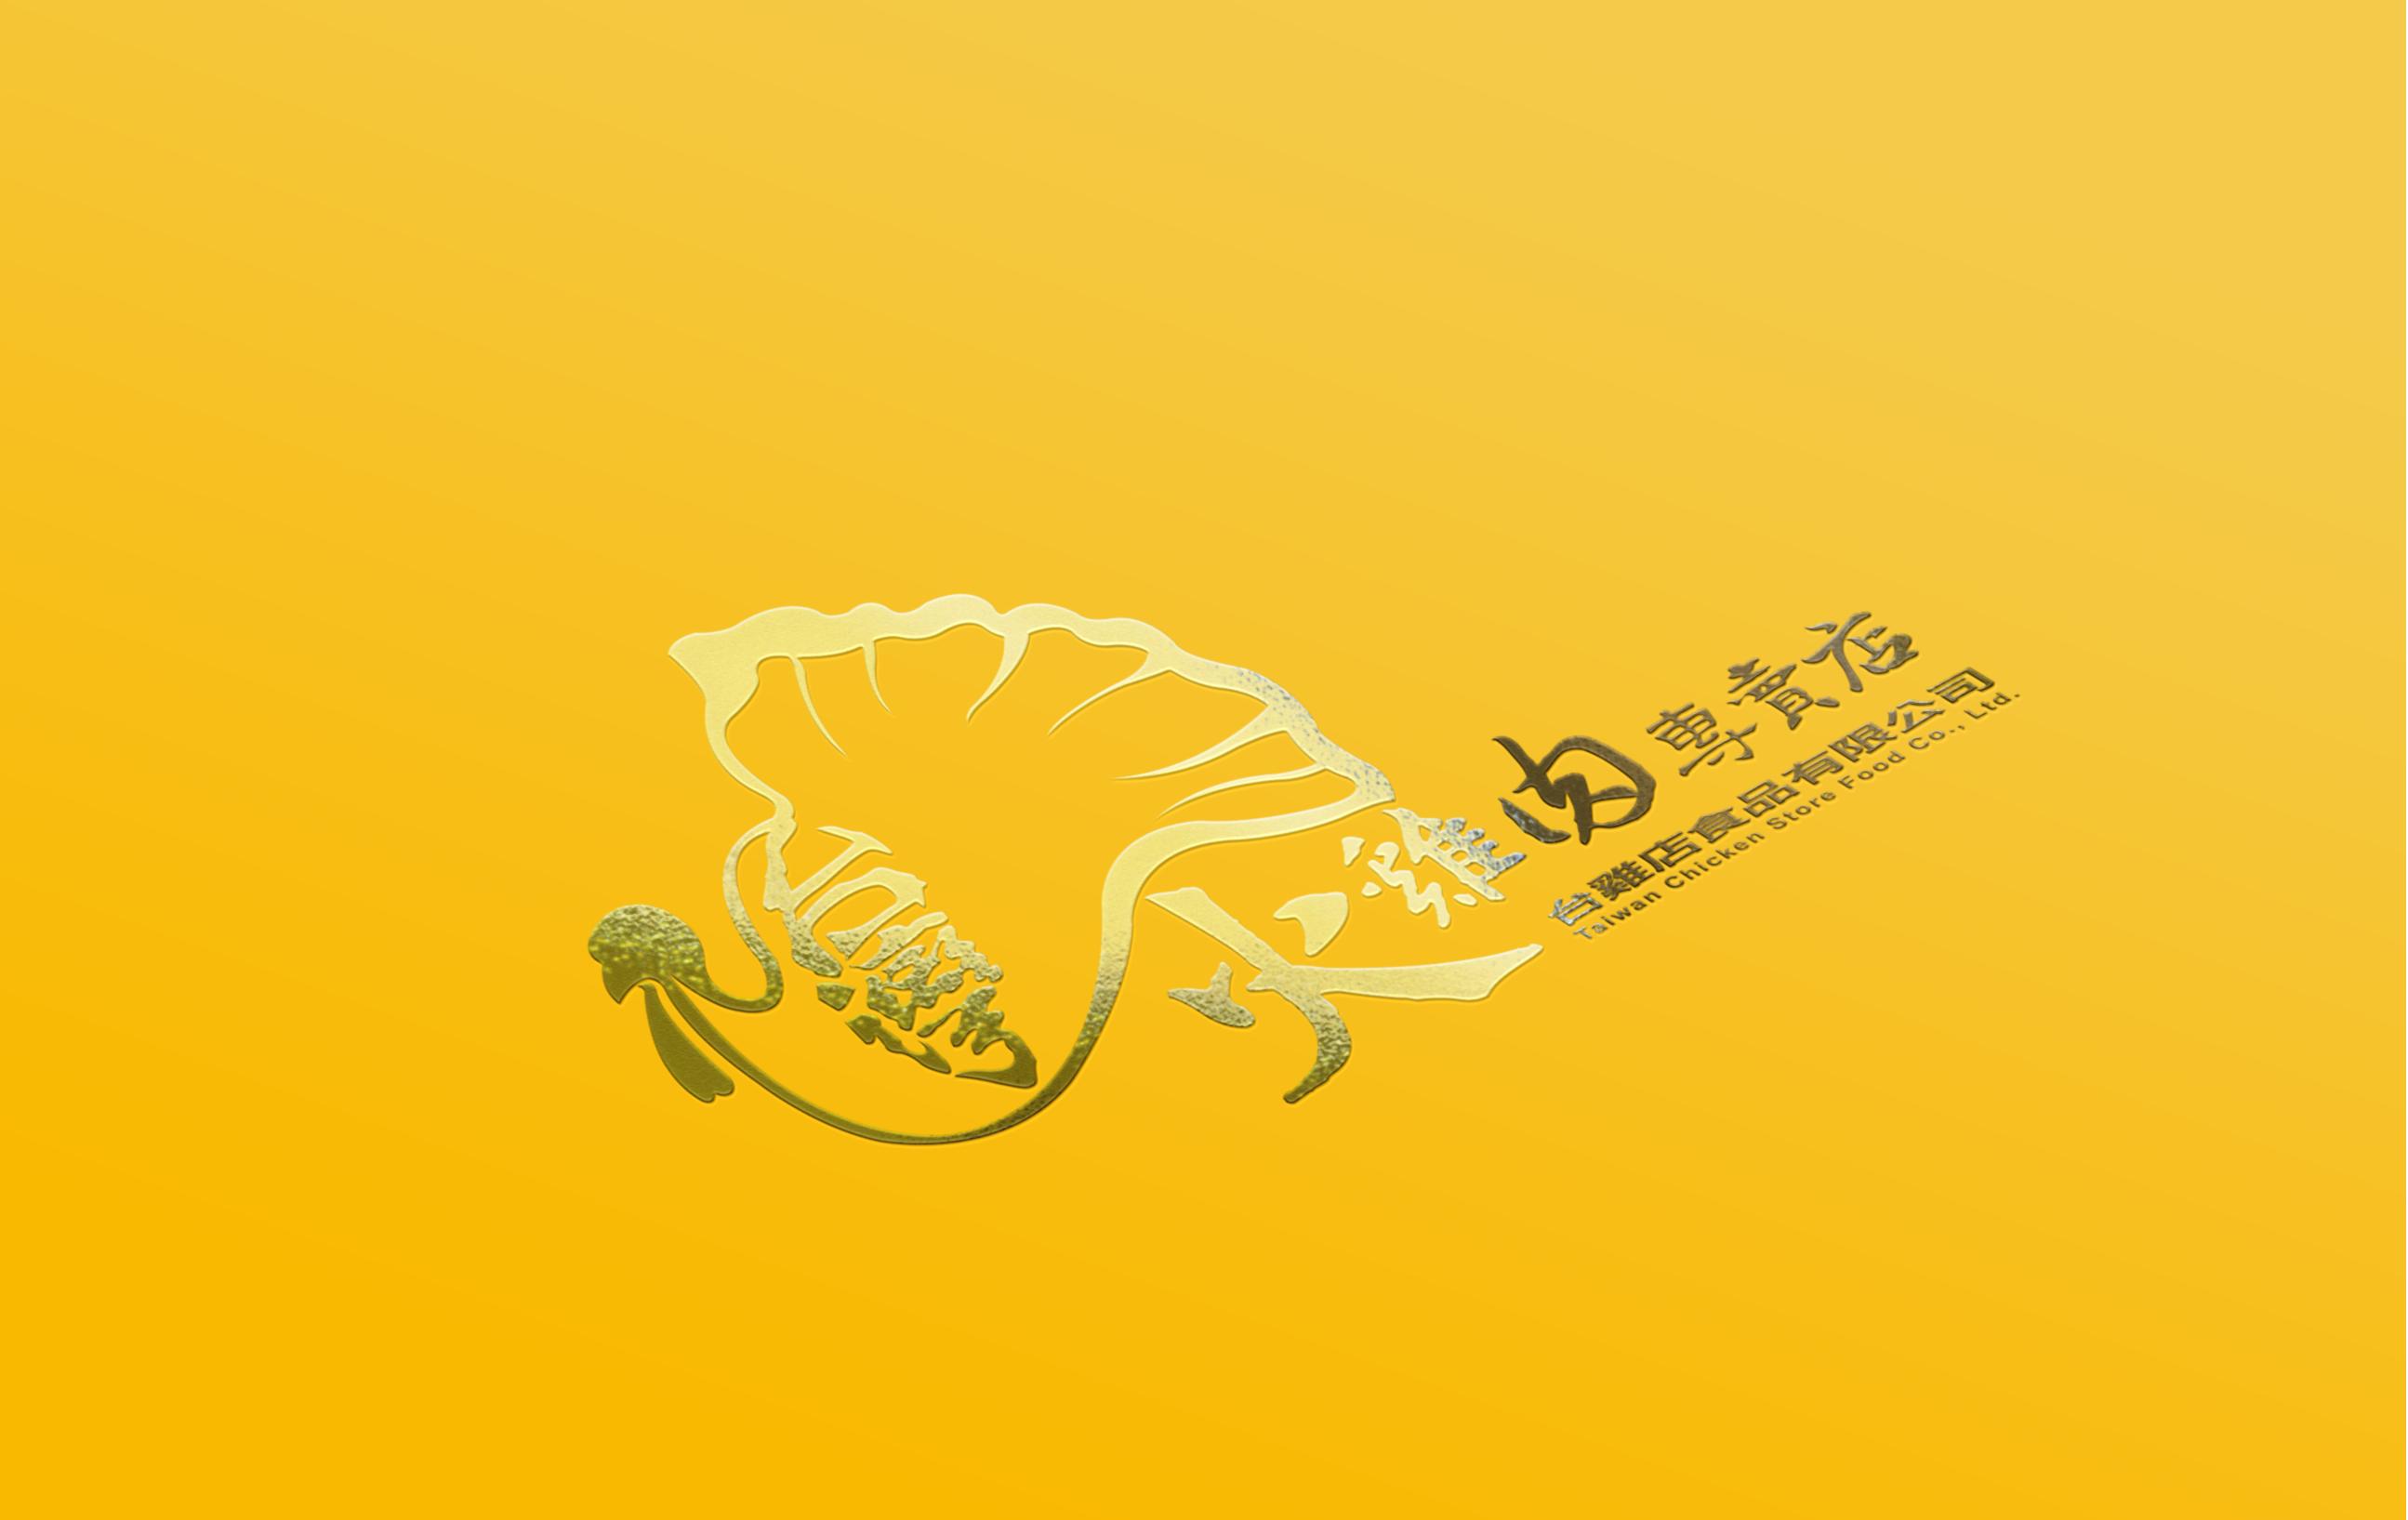 台灣火雞肉專賣店logo品牌形象設計